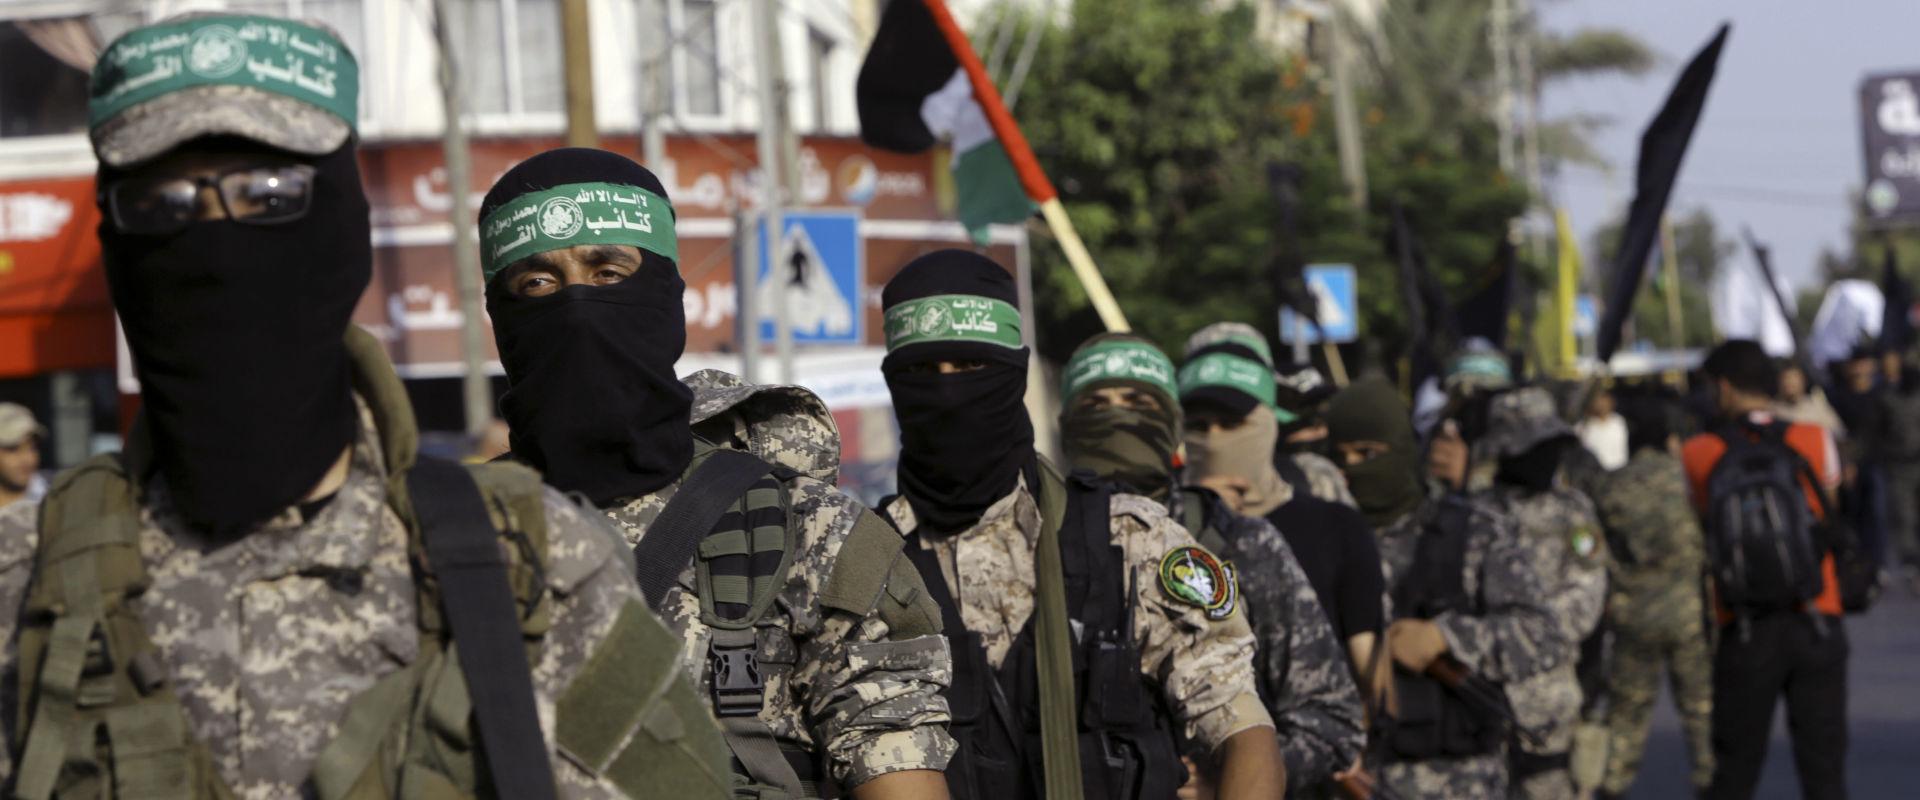 פעילי חמאס בעזה